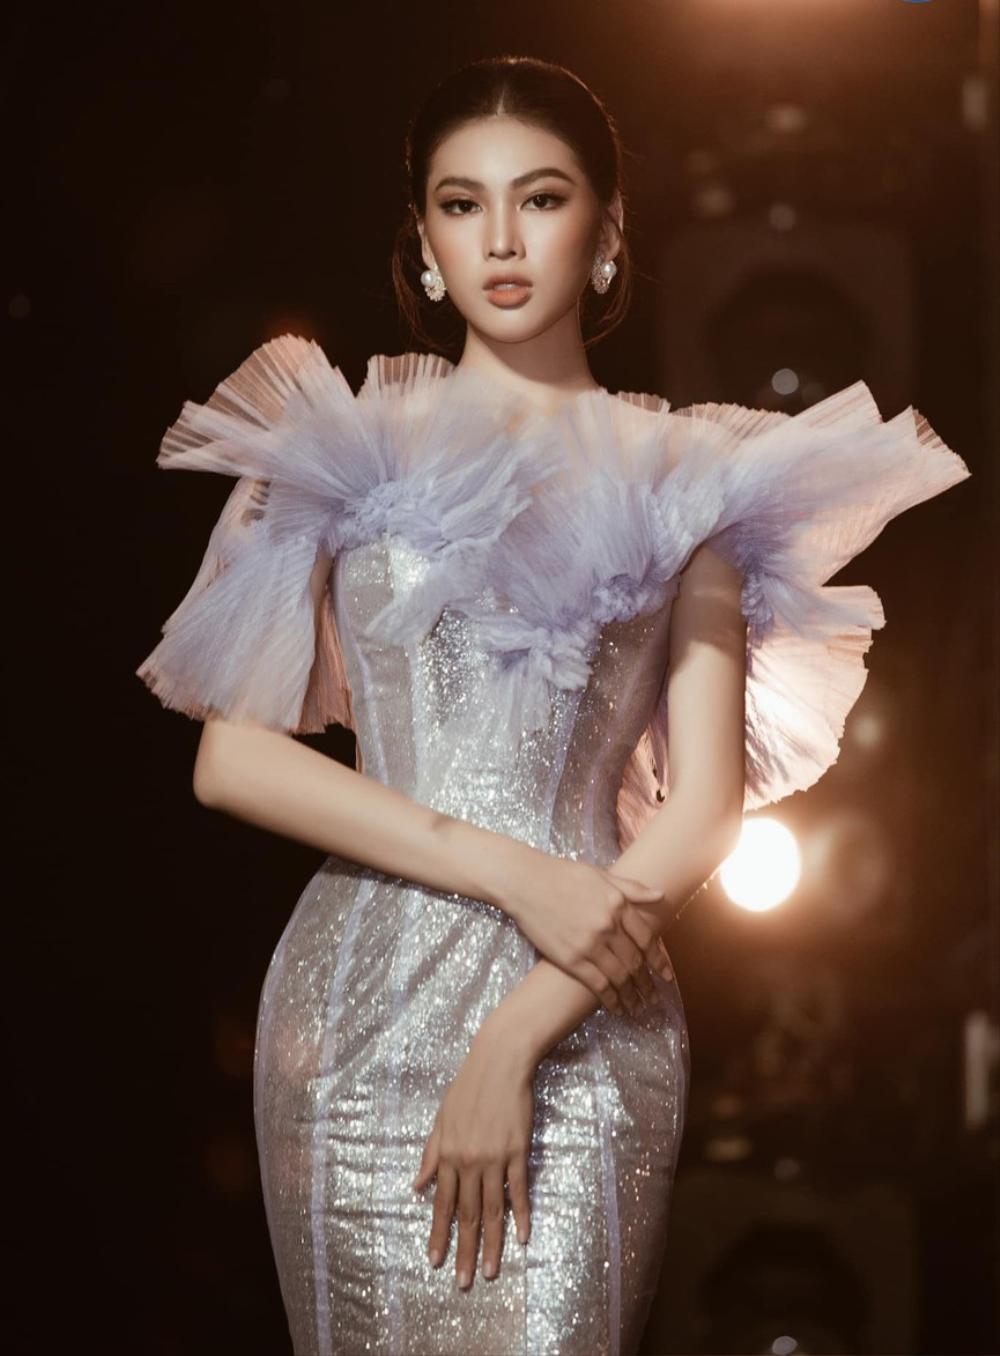 Ngọc Thảo tung Video Intro Miss Grand đầy tự tin: 'Tôi là Tân Hoa hậu Hòa bình, làm quen với điều đó đi' Ảnh 16